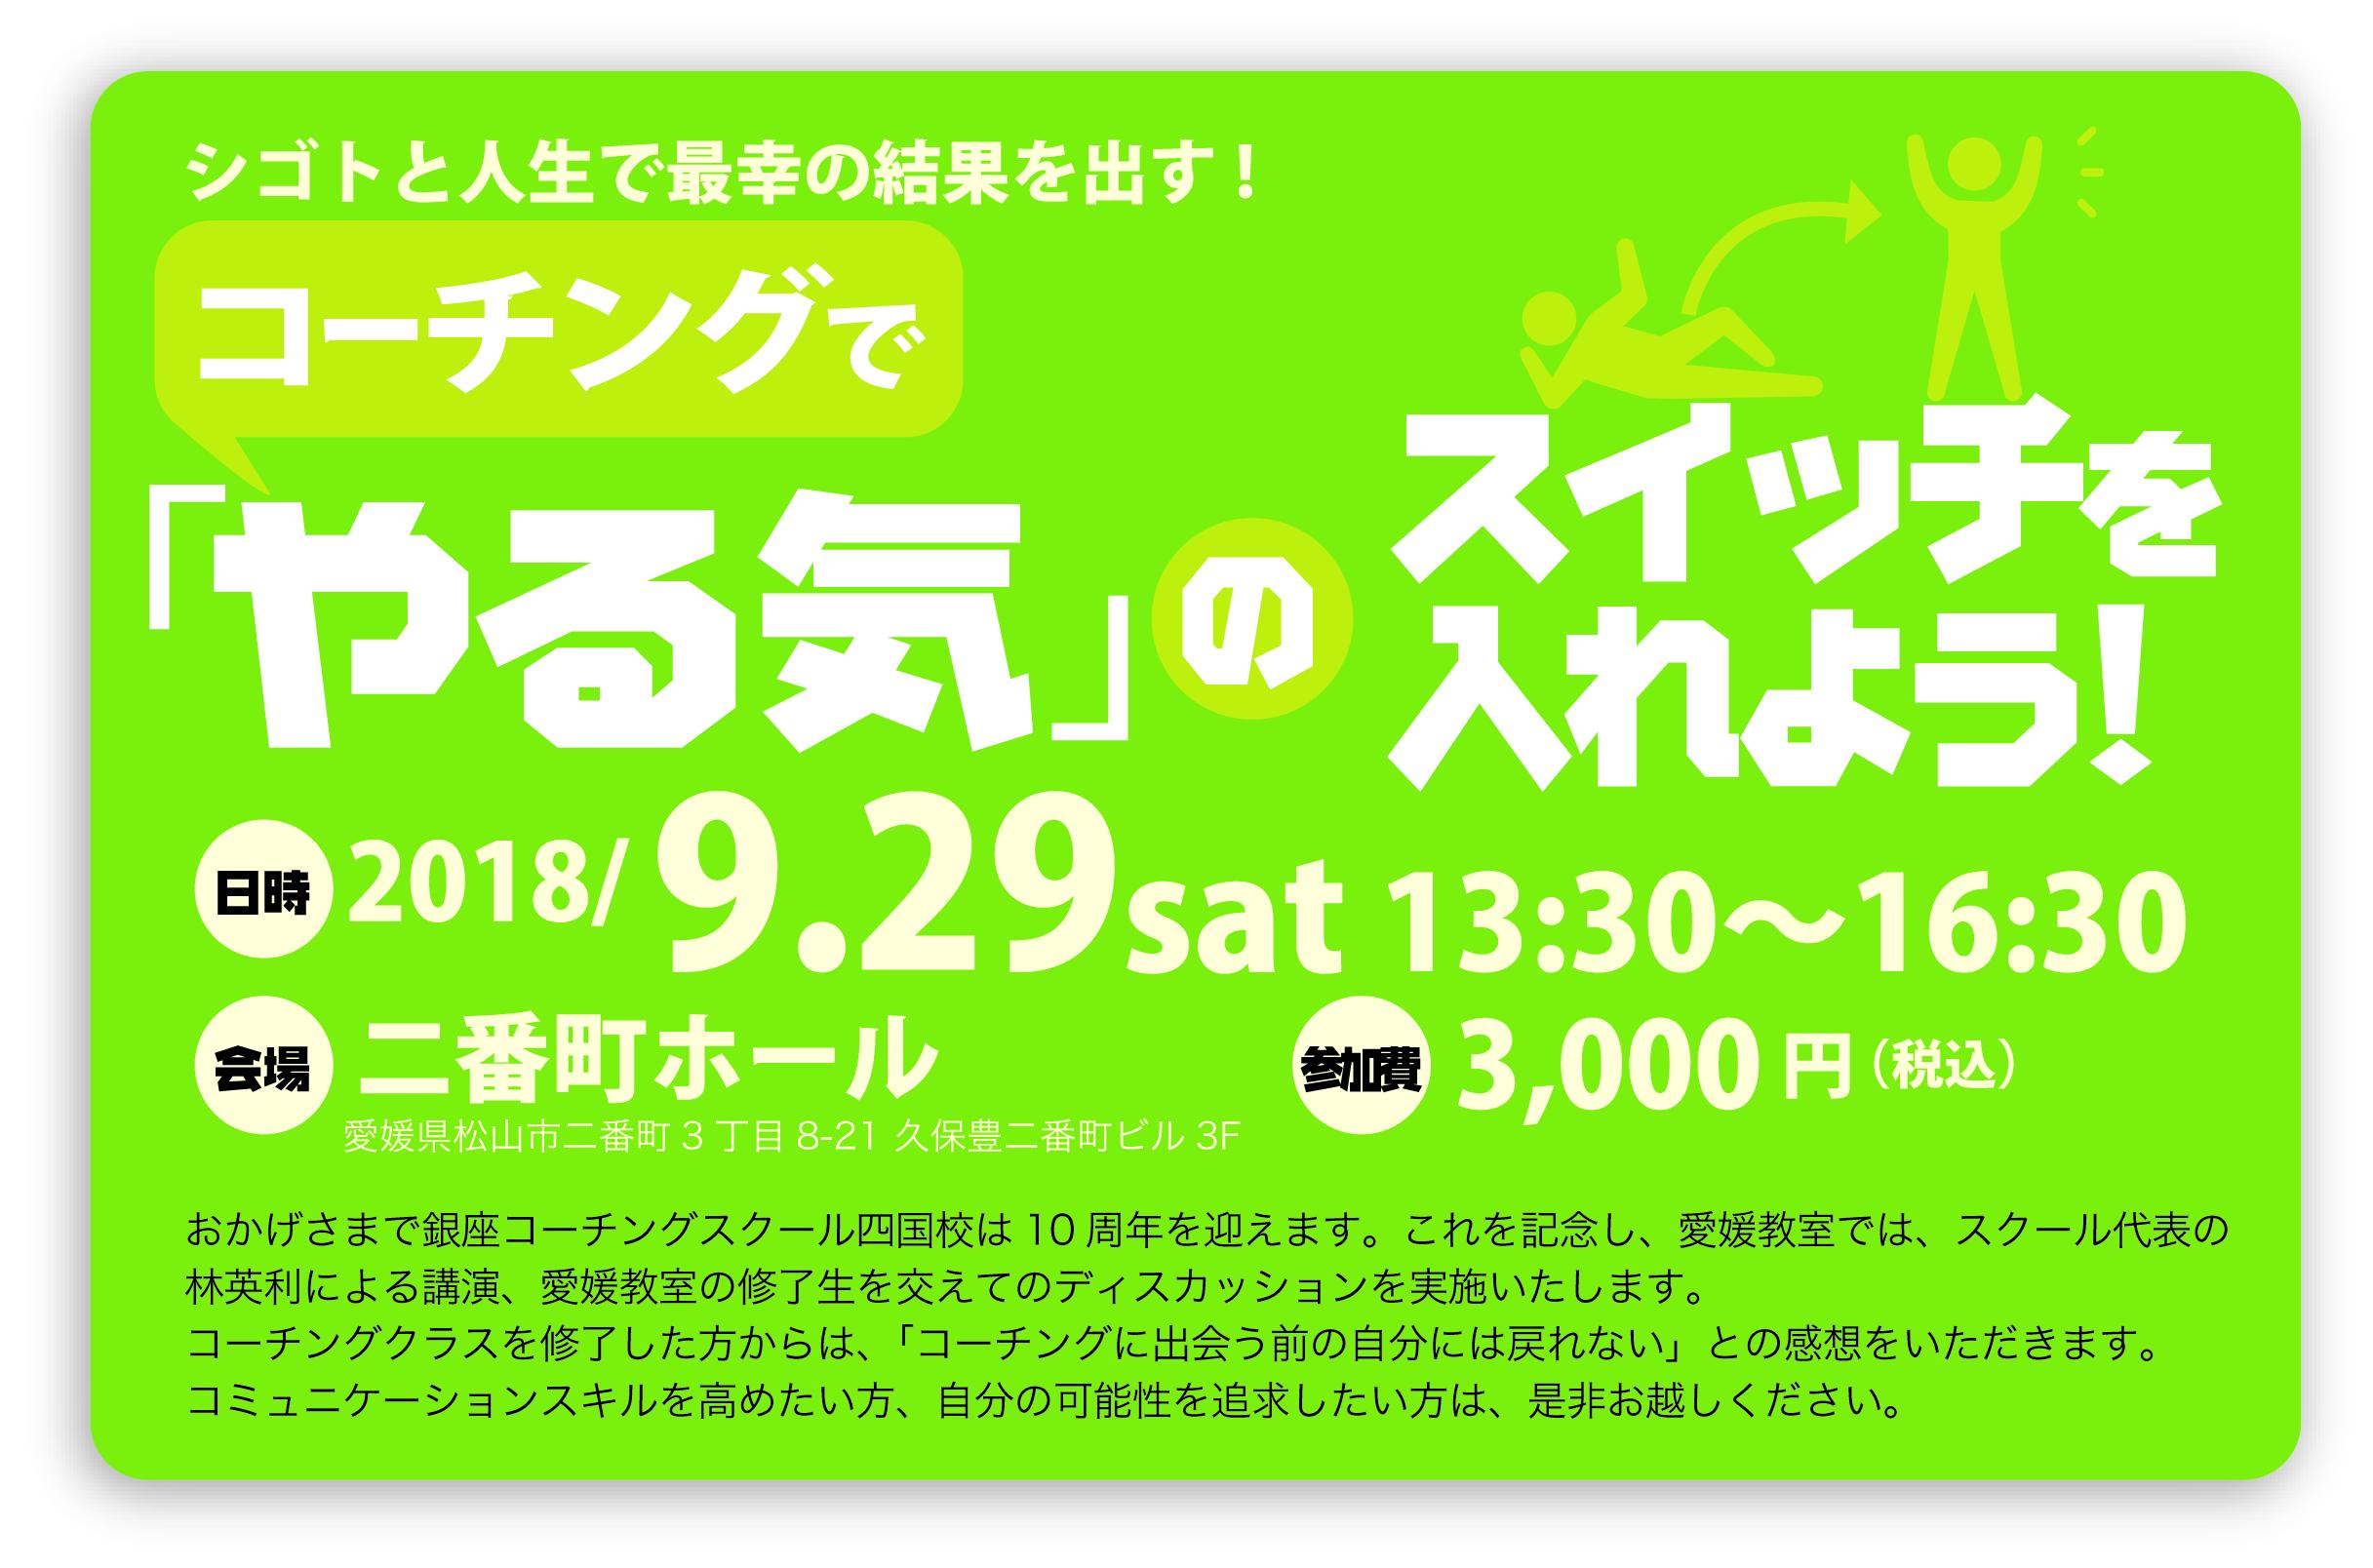 banner-ehime18.jpg